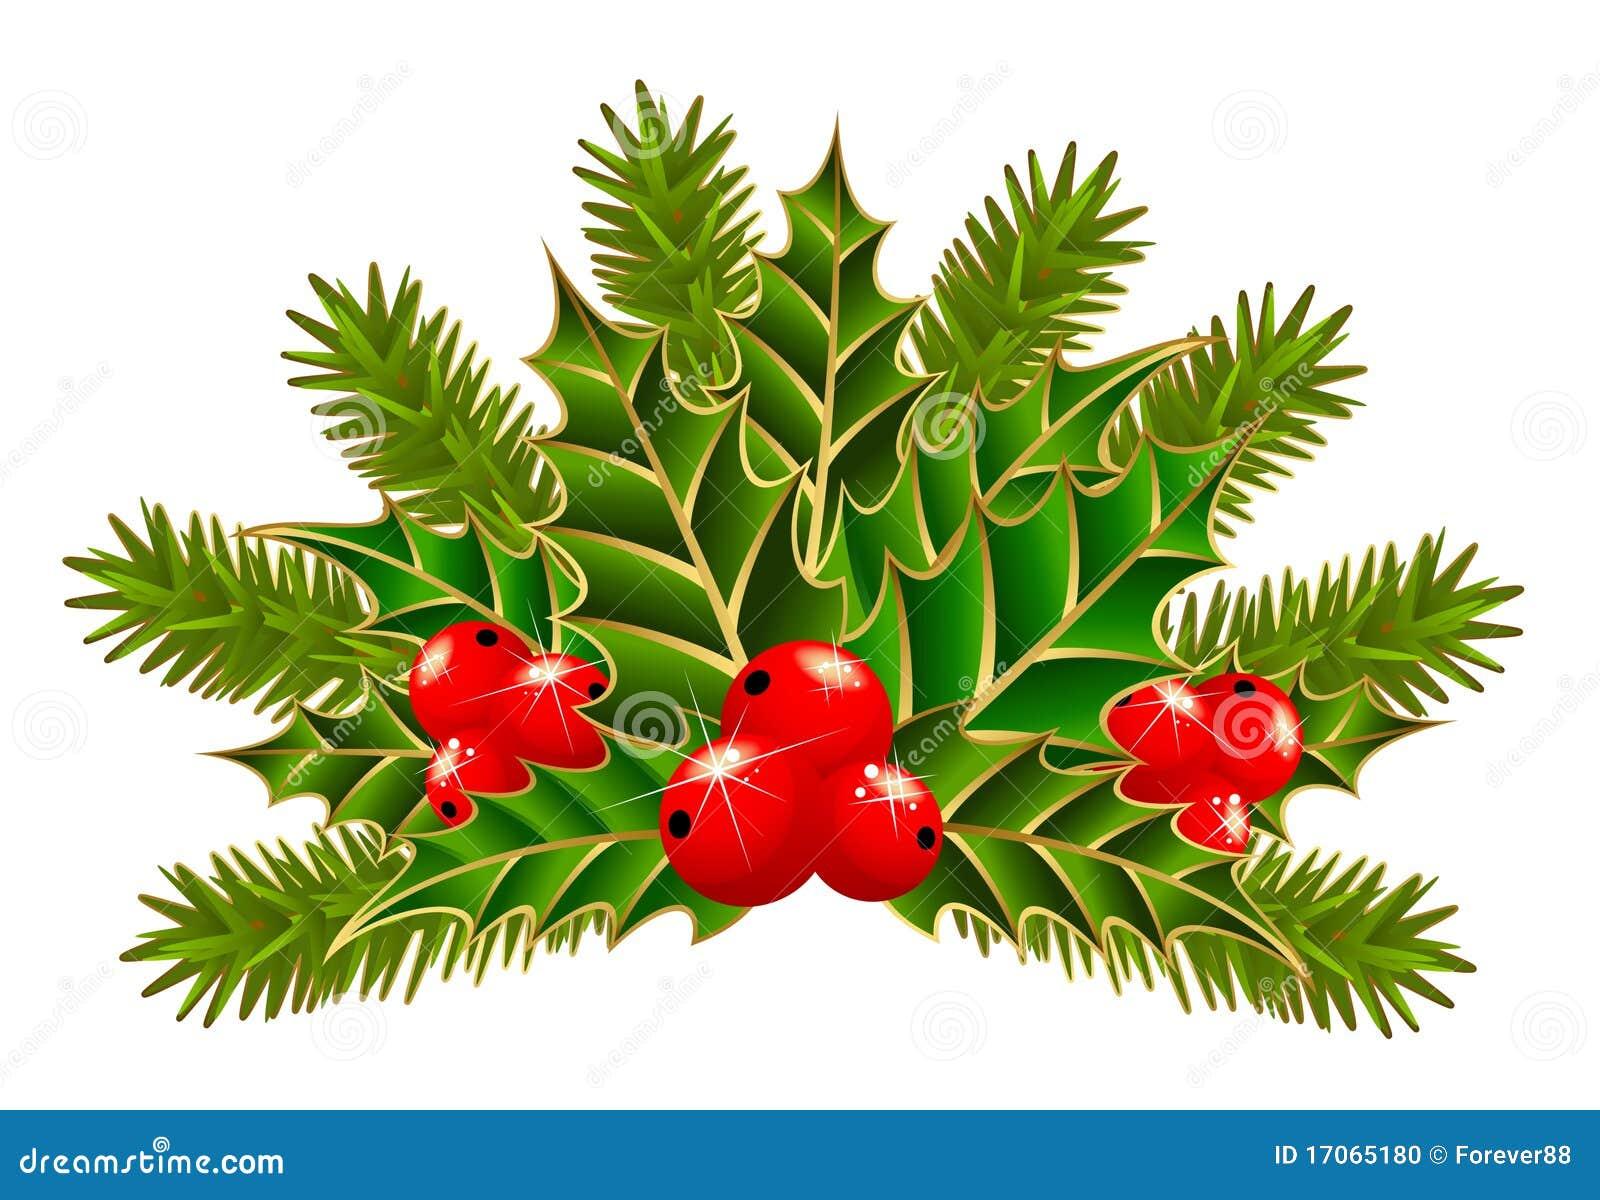 weihnachtszweig mit beeren vektor abbildung bild von stechpalme 17065180. Black Bedroom Furniture Sets. Home Design Ideas